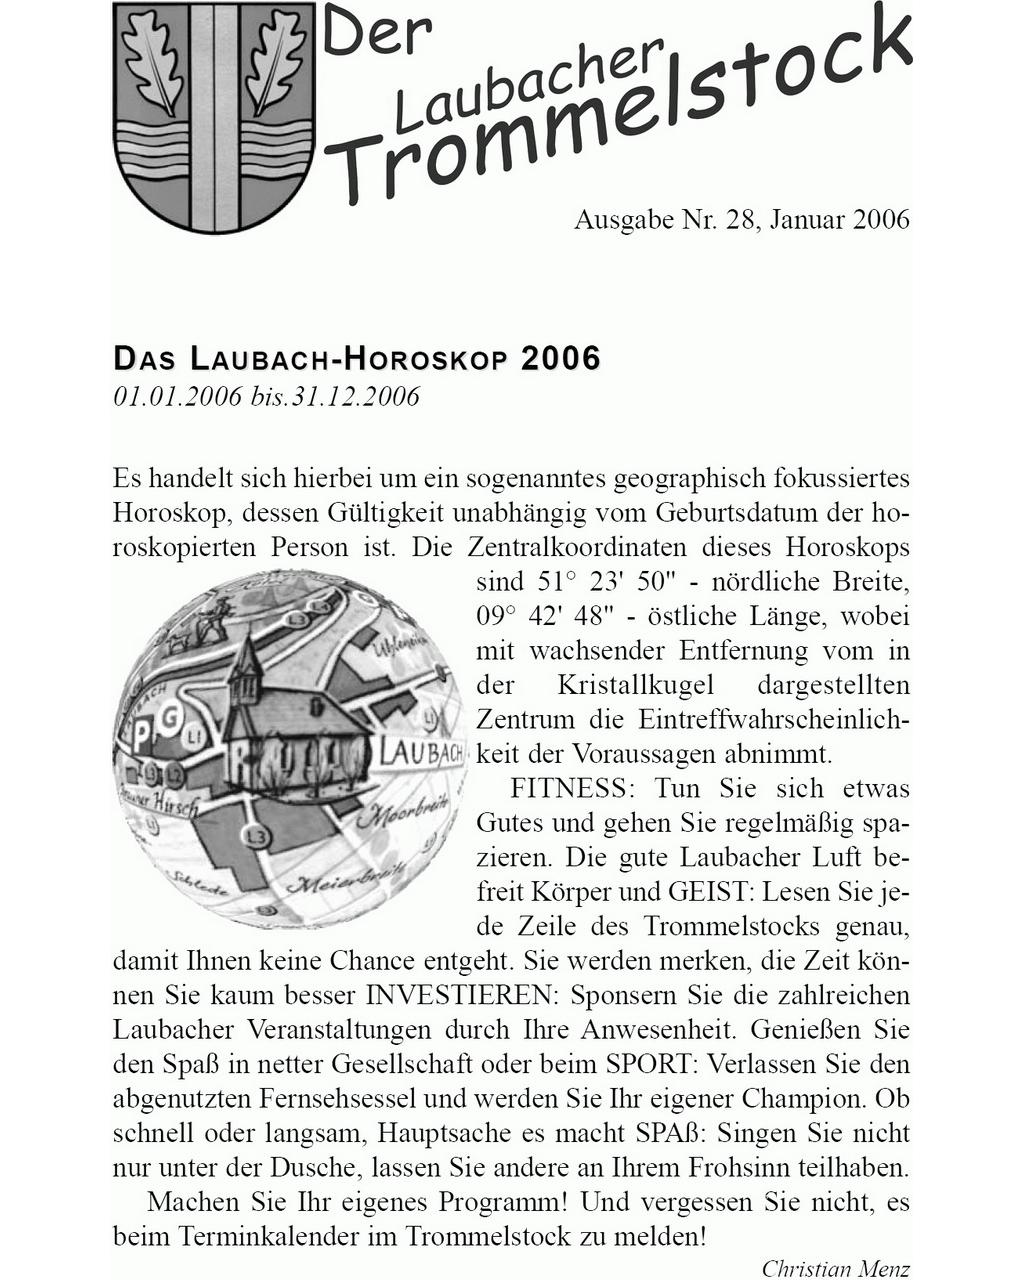 Laubacher-Trommelstock-Titelseite-028